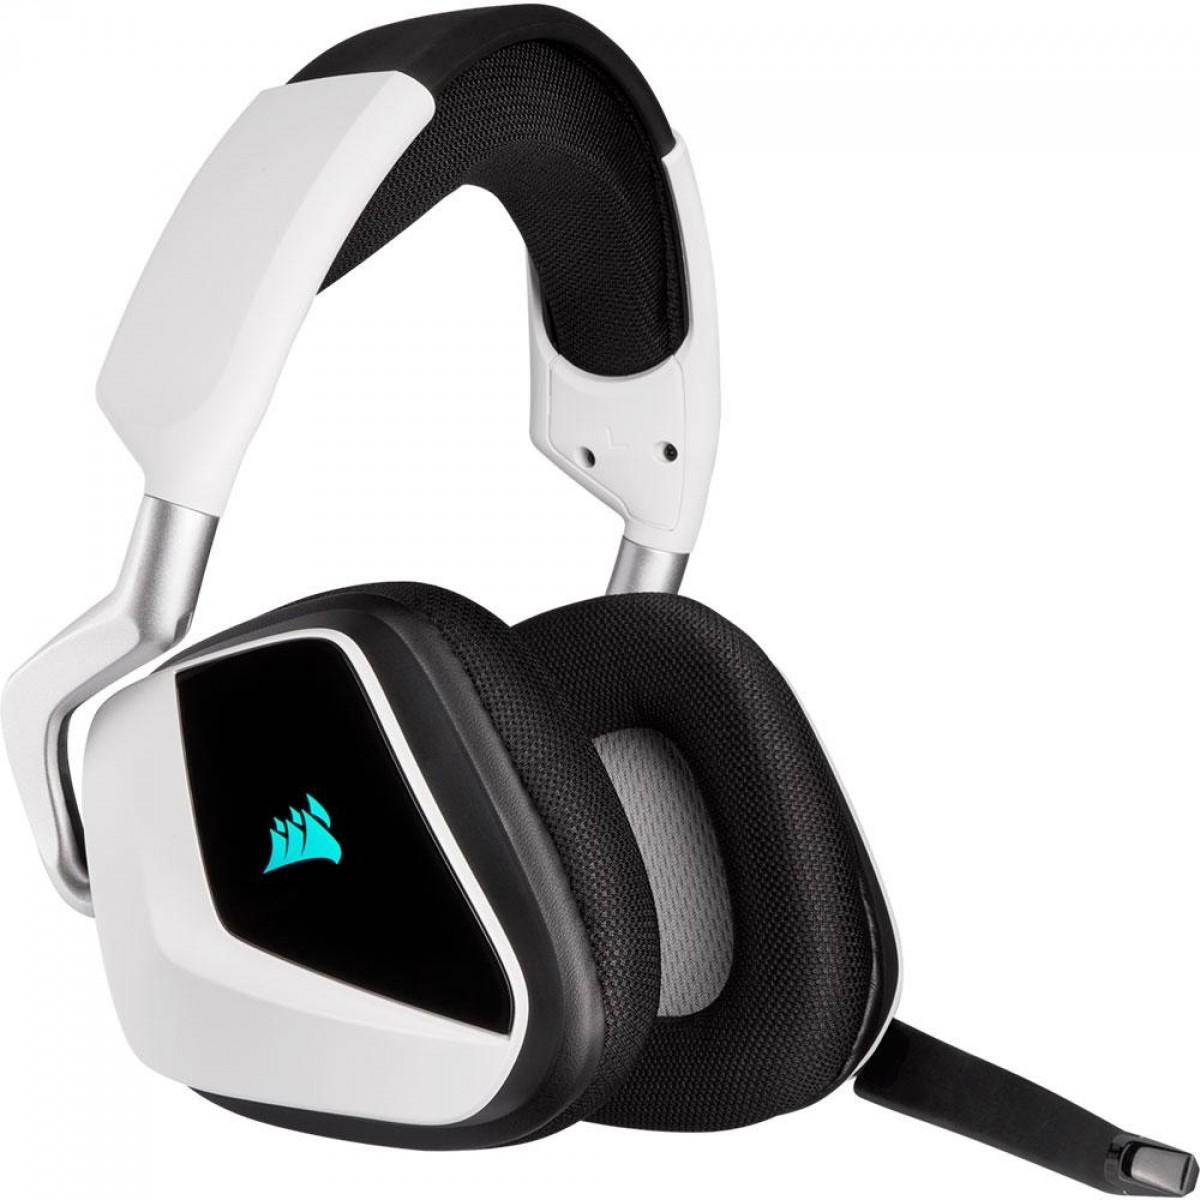 Headset Gamer Corsair 7.1 VOID RGB ELITE, Sem Fio, White, CA-9011202-NA